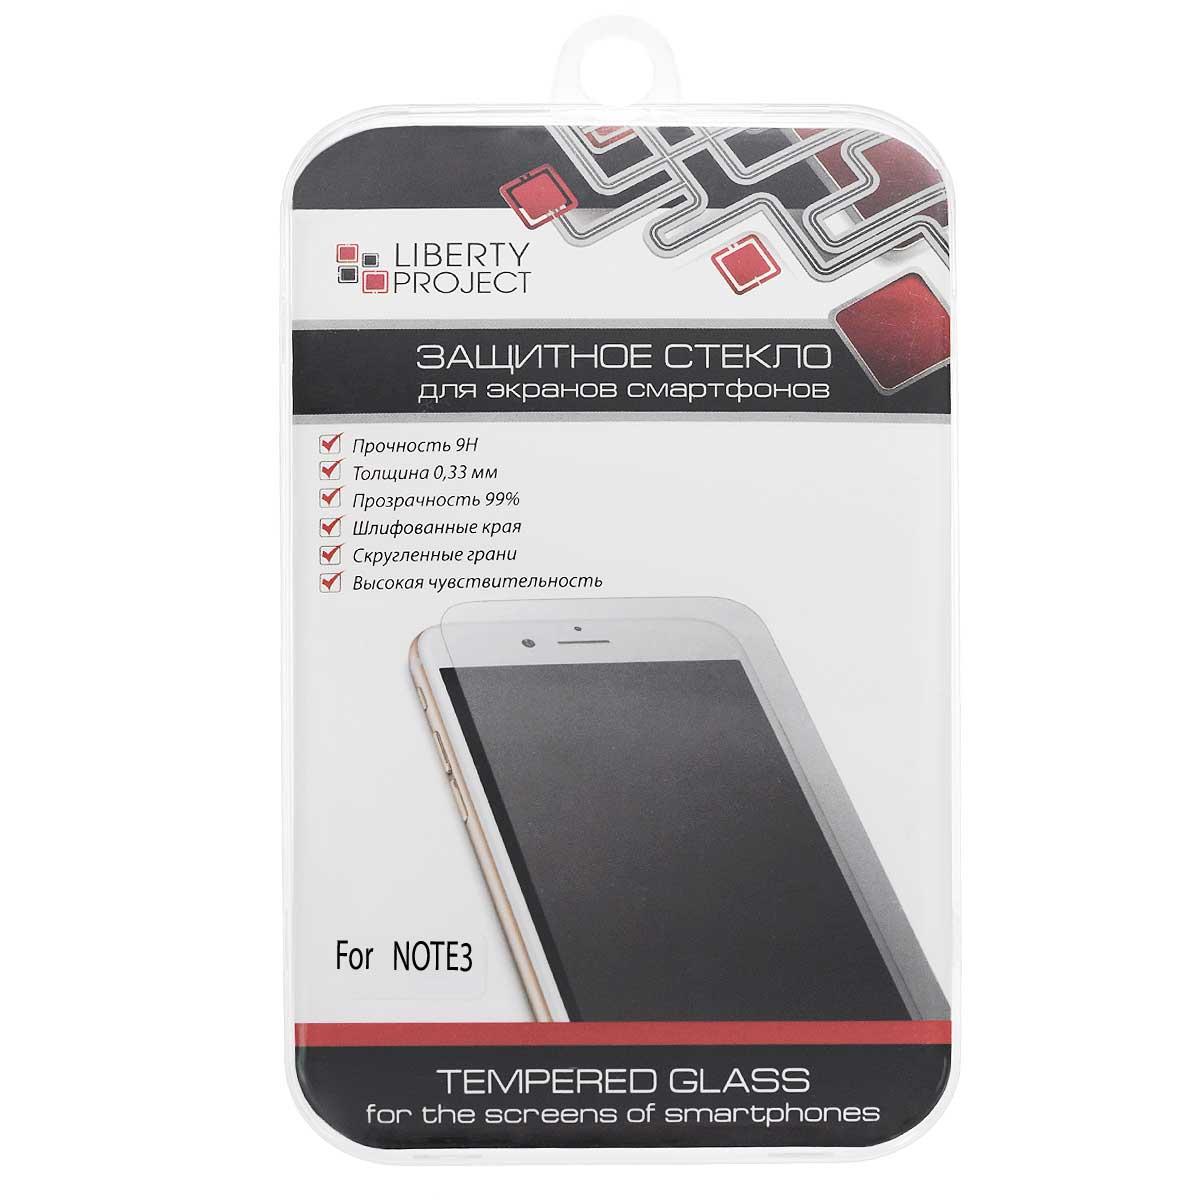 Liberty Project Tempered Glass защитное стекло для Samsung Note 3, Clear (0,33 мм)0L-00000520Защитное стекло Liberty Project Tempered Glass предназначено для защиты поверхности экрана, от царапин, потертостей, отпечатков пальцев и прочих следов механического воздействия. Гарантирует высокую чувствительность при работе с устройством. Данная модель также обладает антибликовым и водоотталкивающим эффектом.